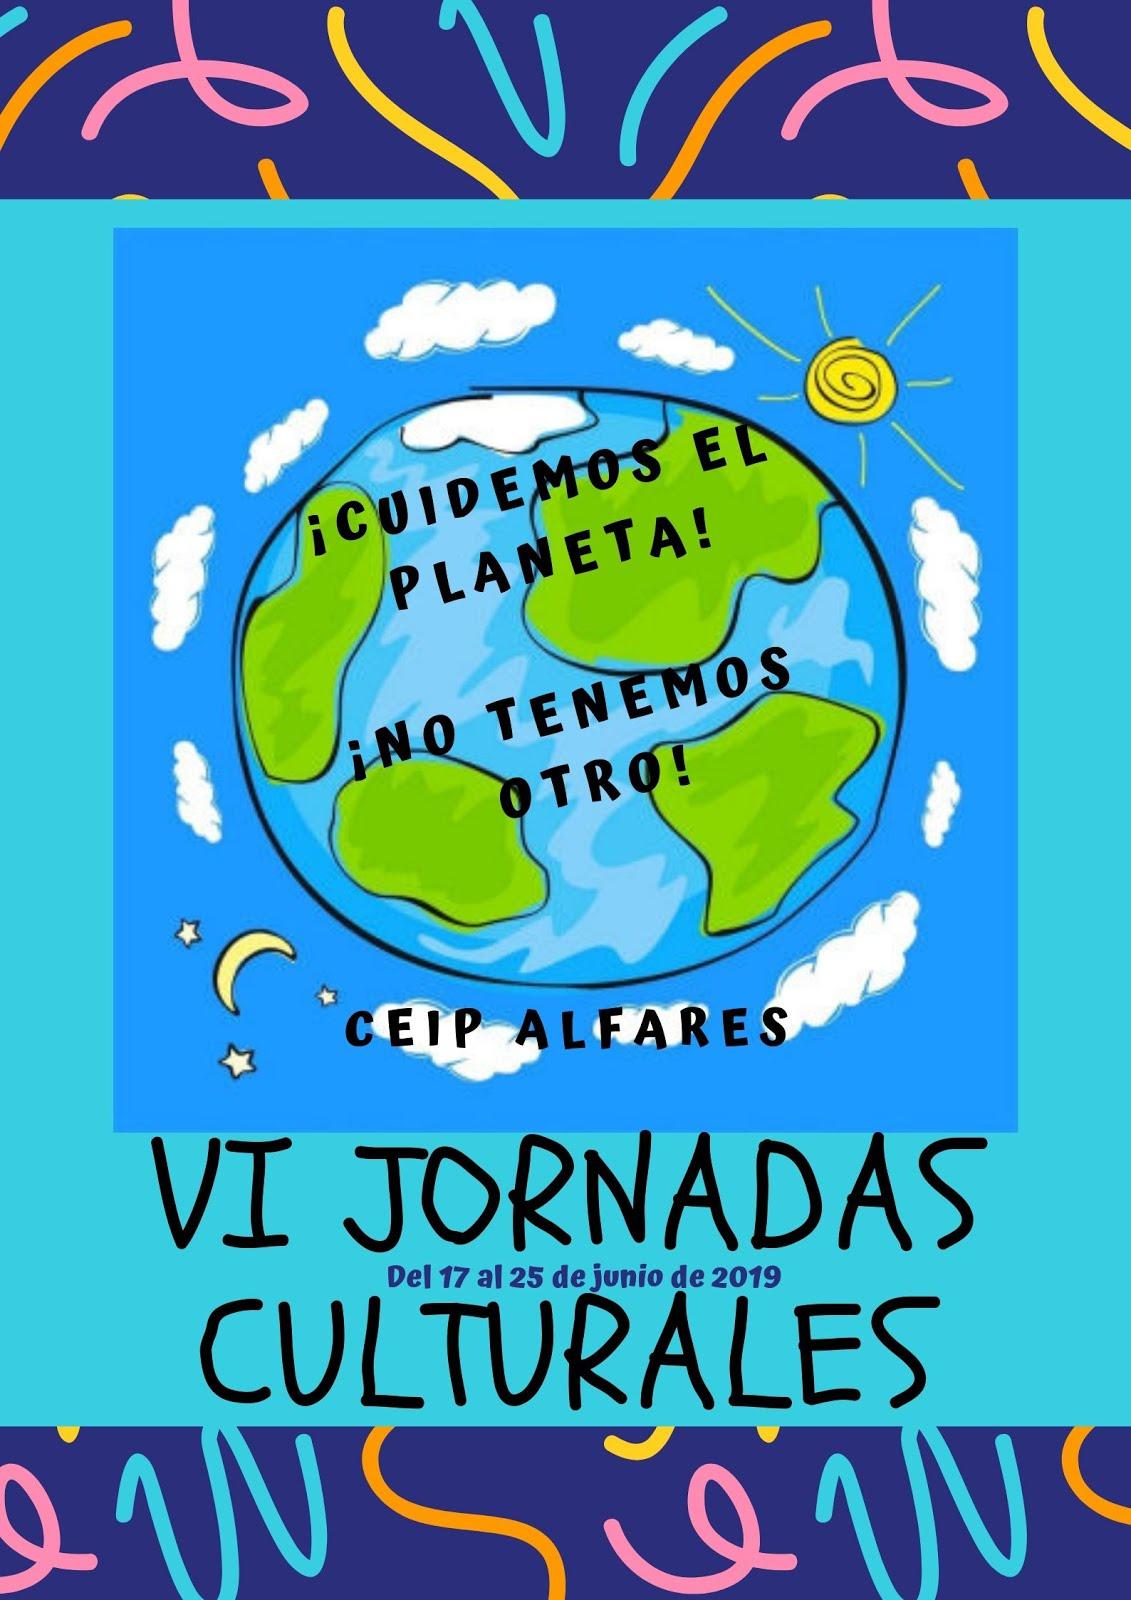 VI JORNADAS CULTURALES